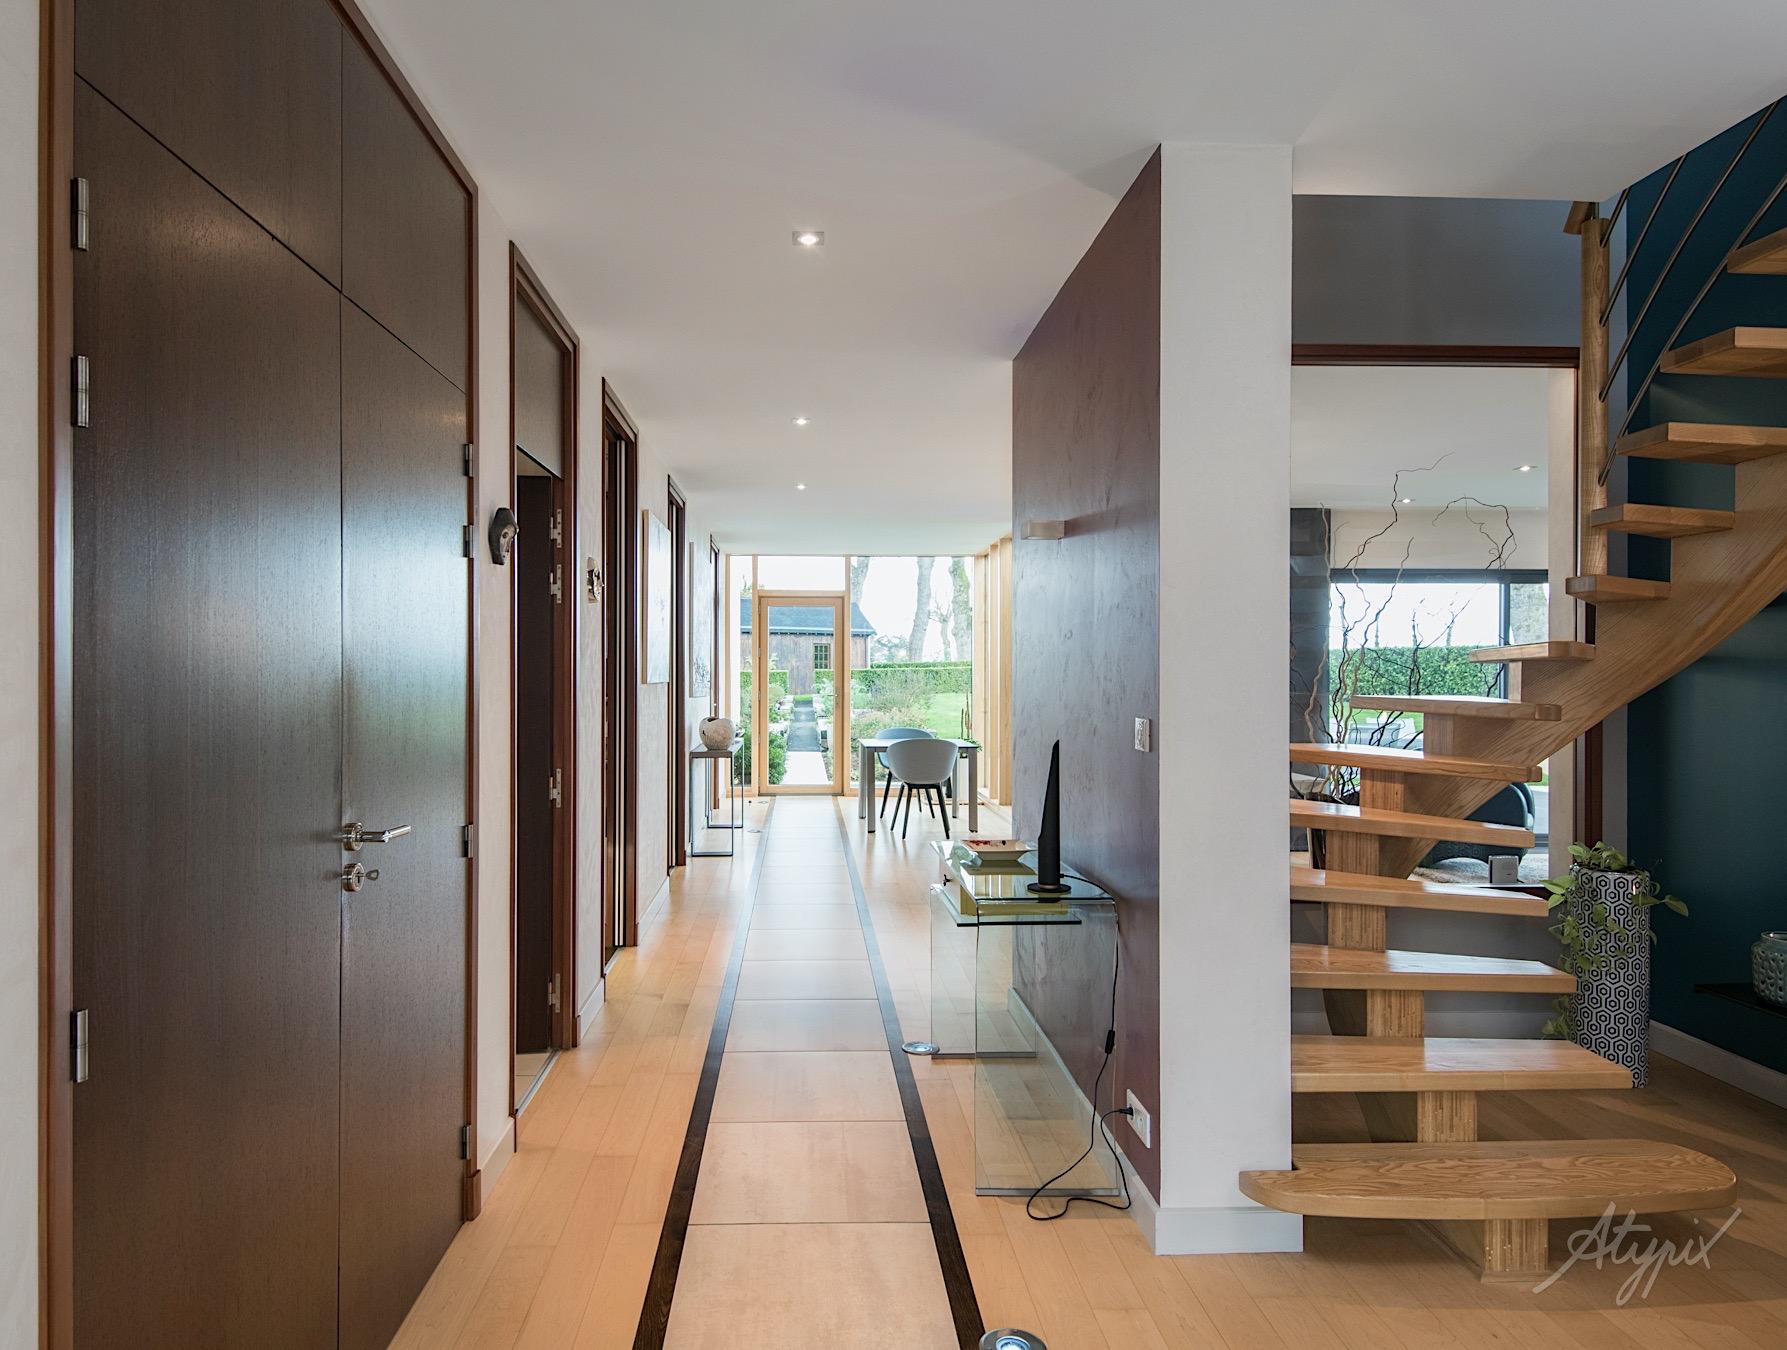 photographie intérieur maison